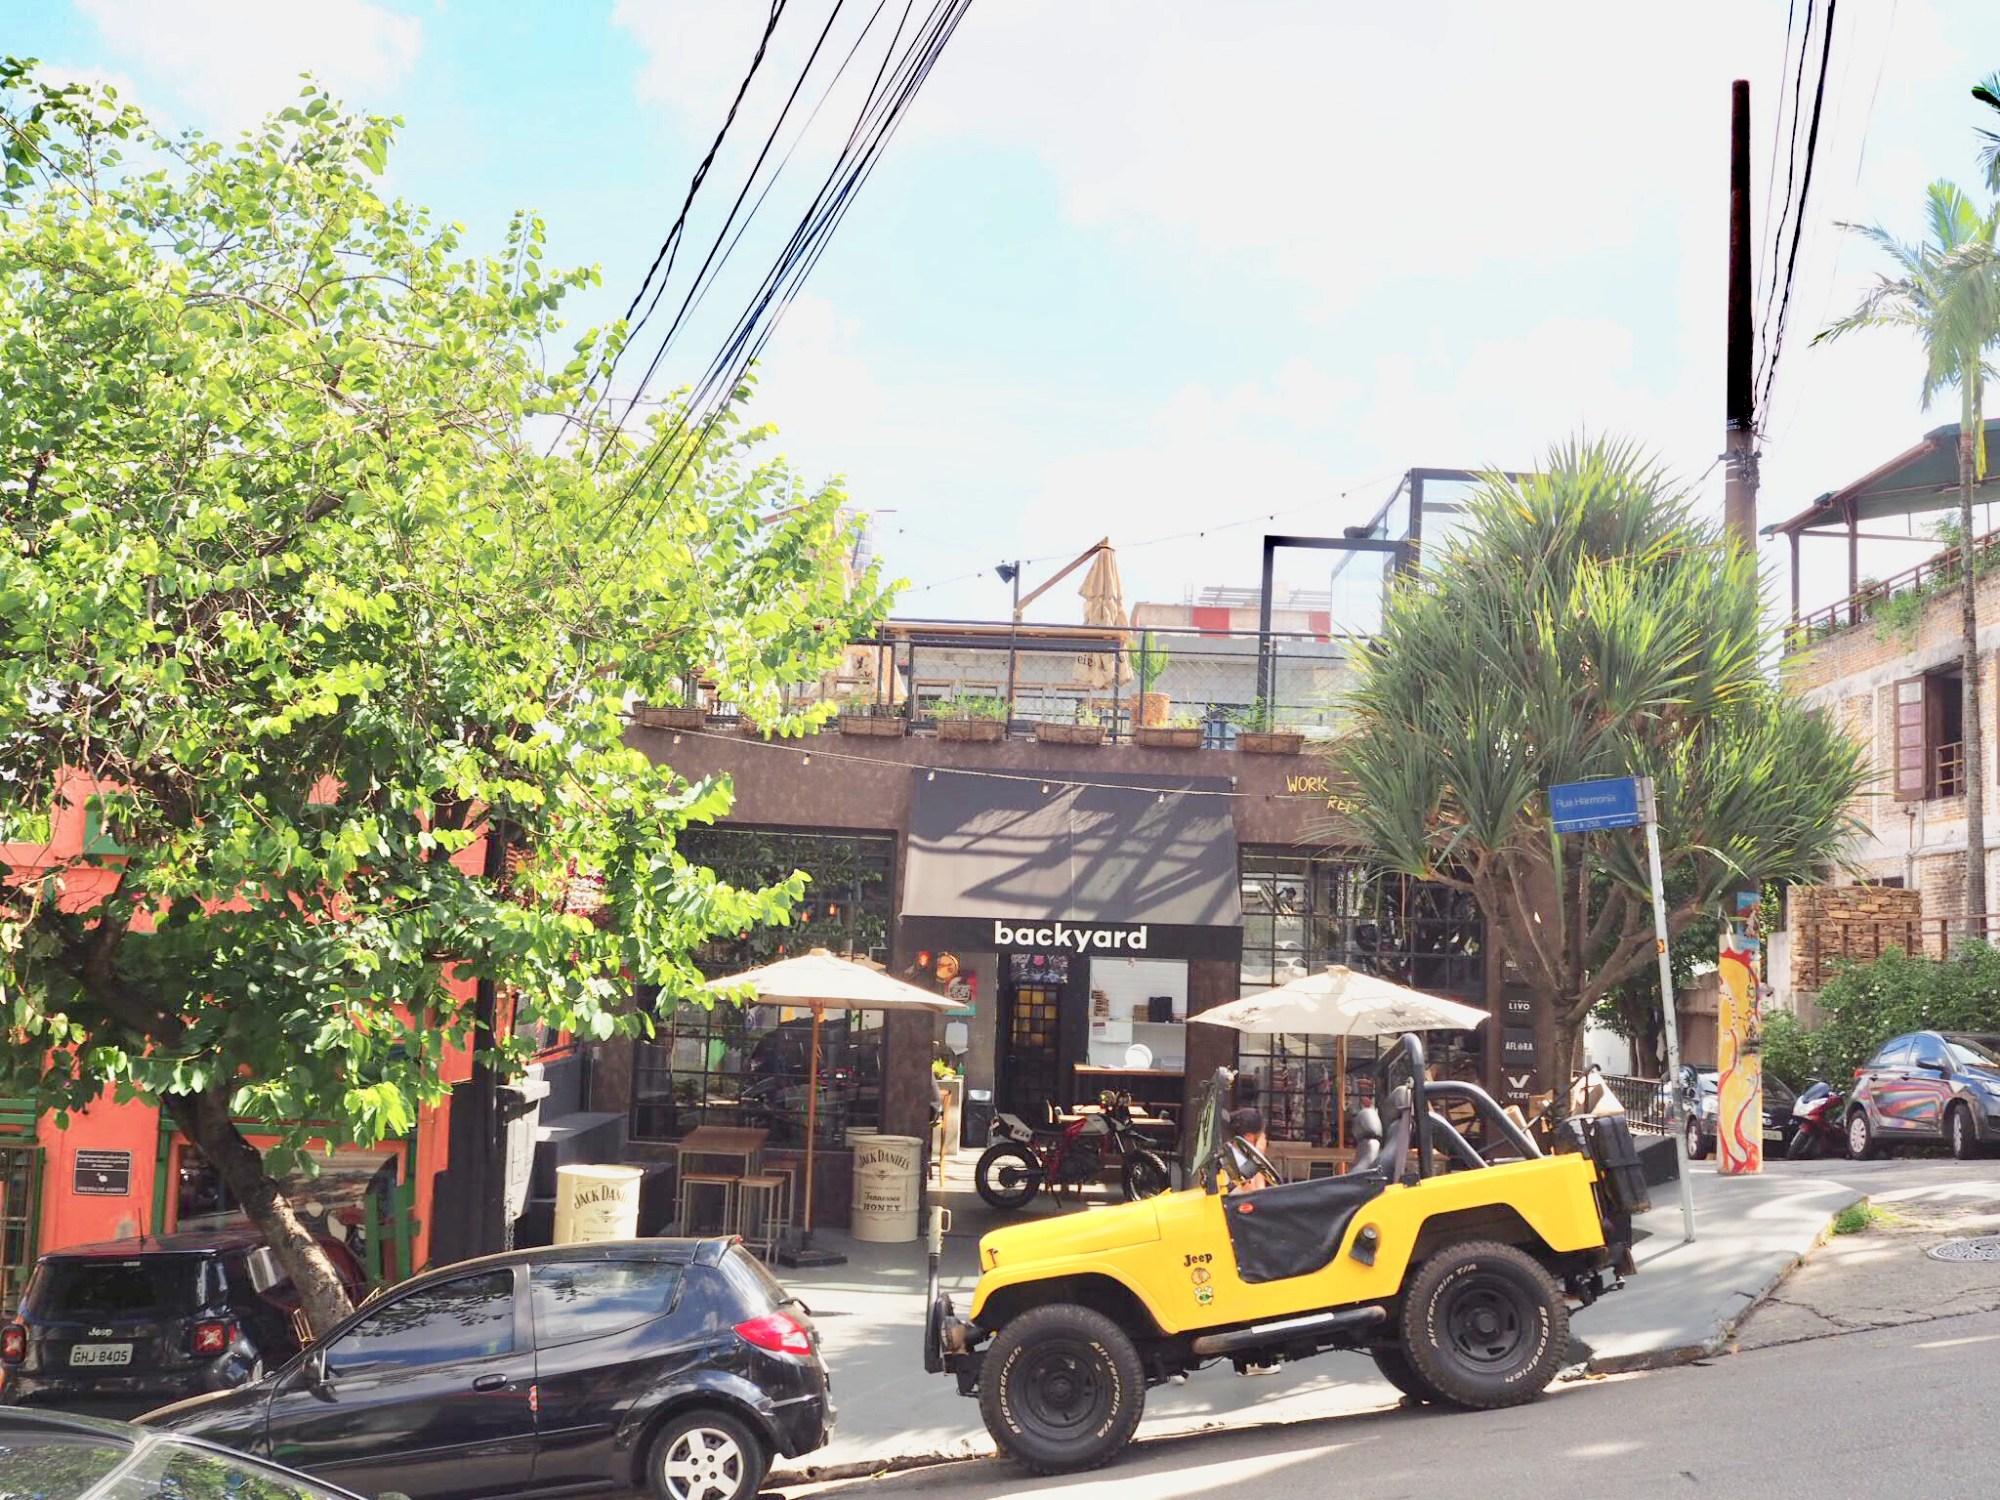 Sao paulo vila madalena clioandco blog voyage